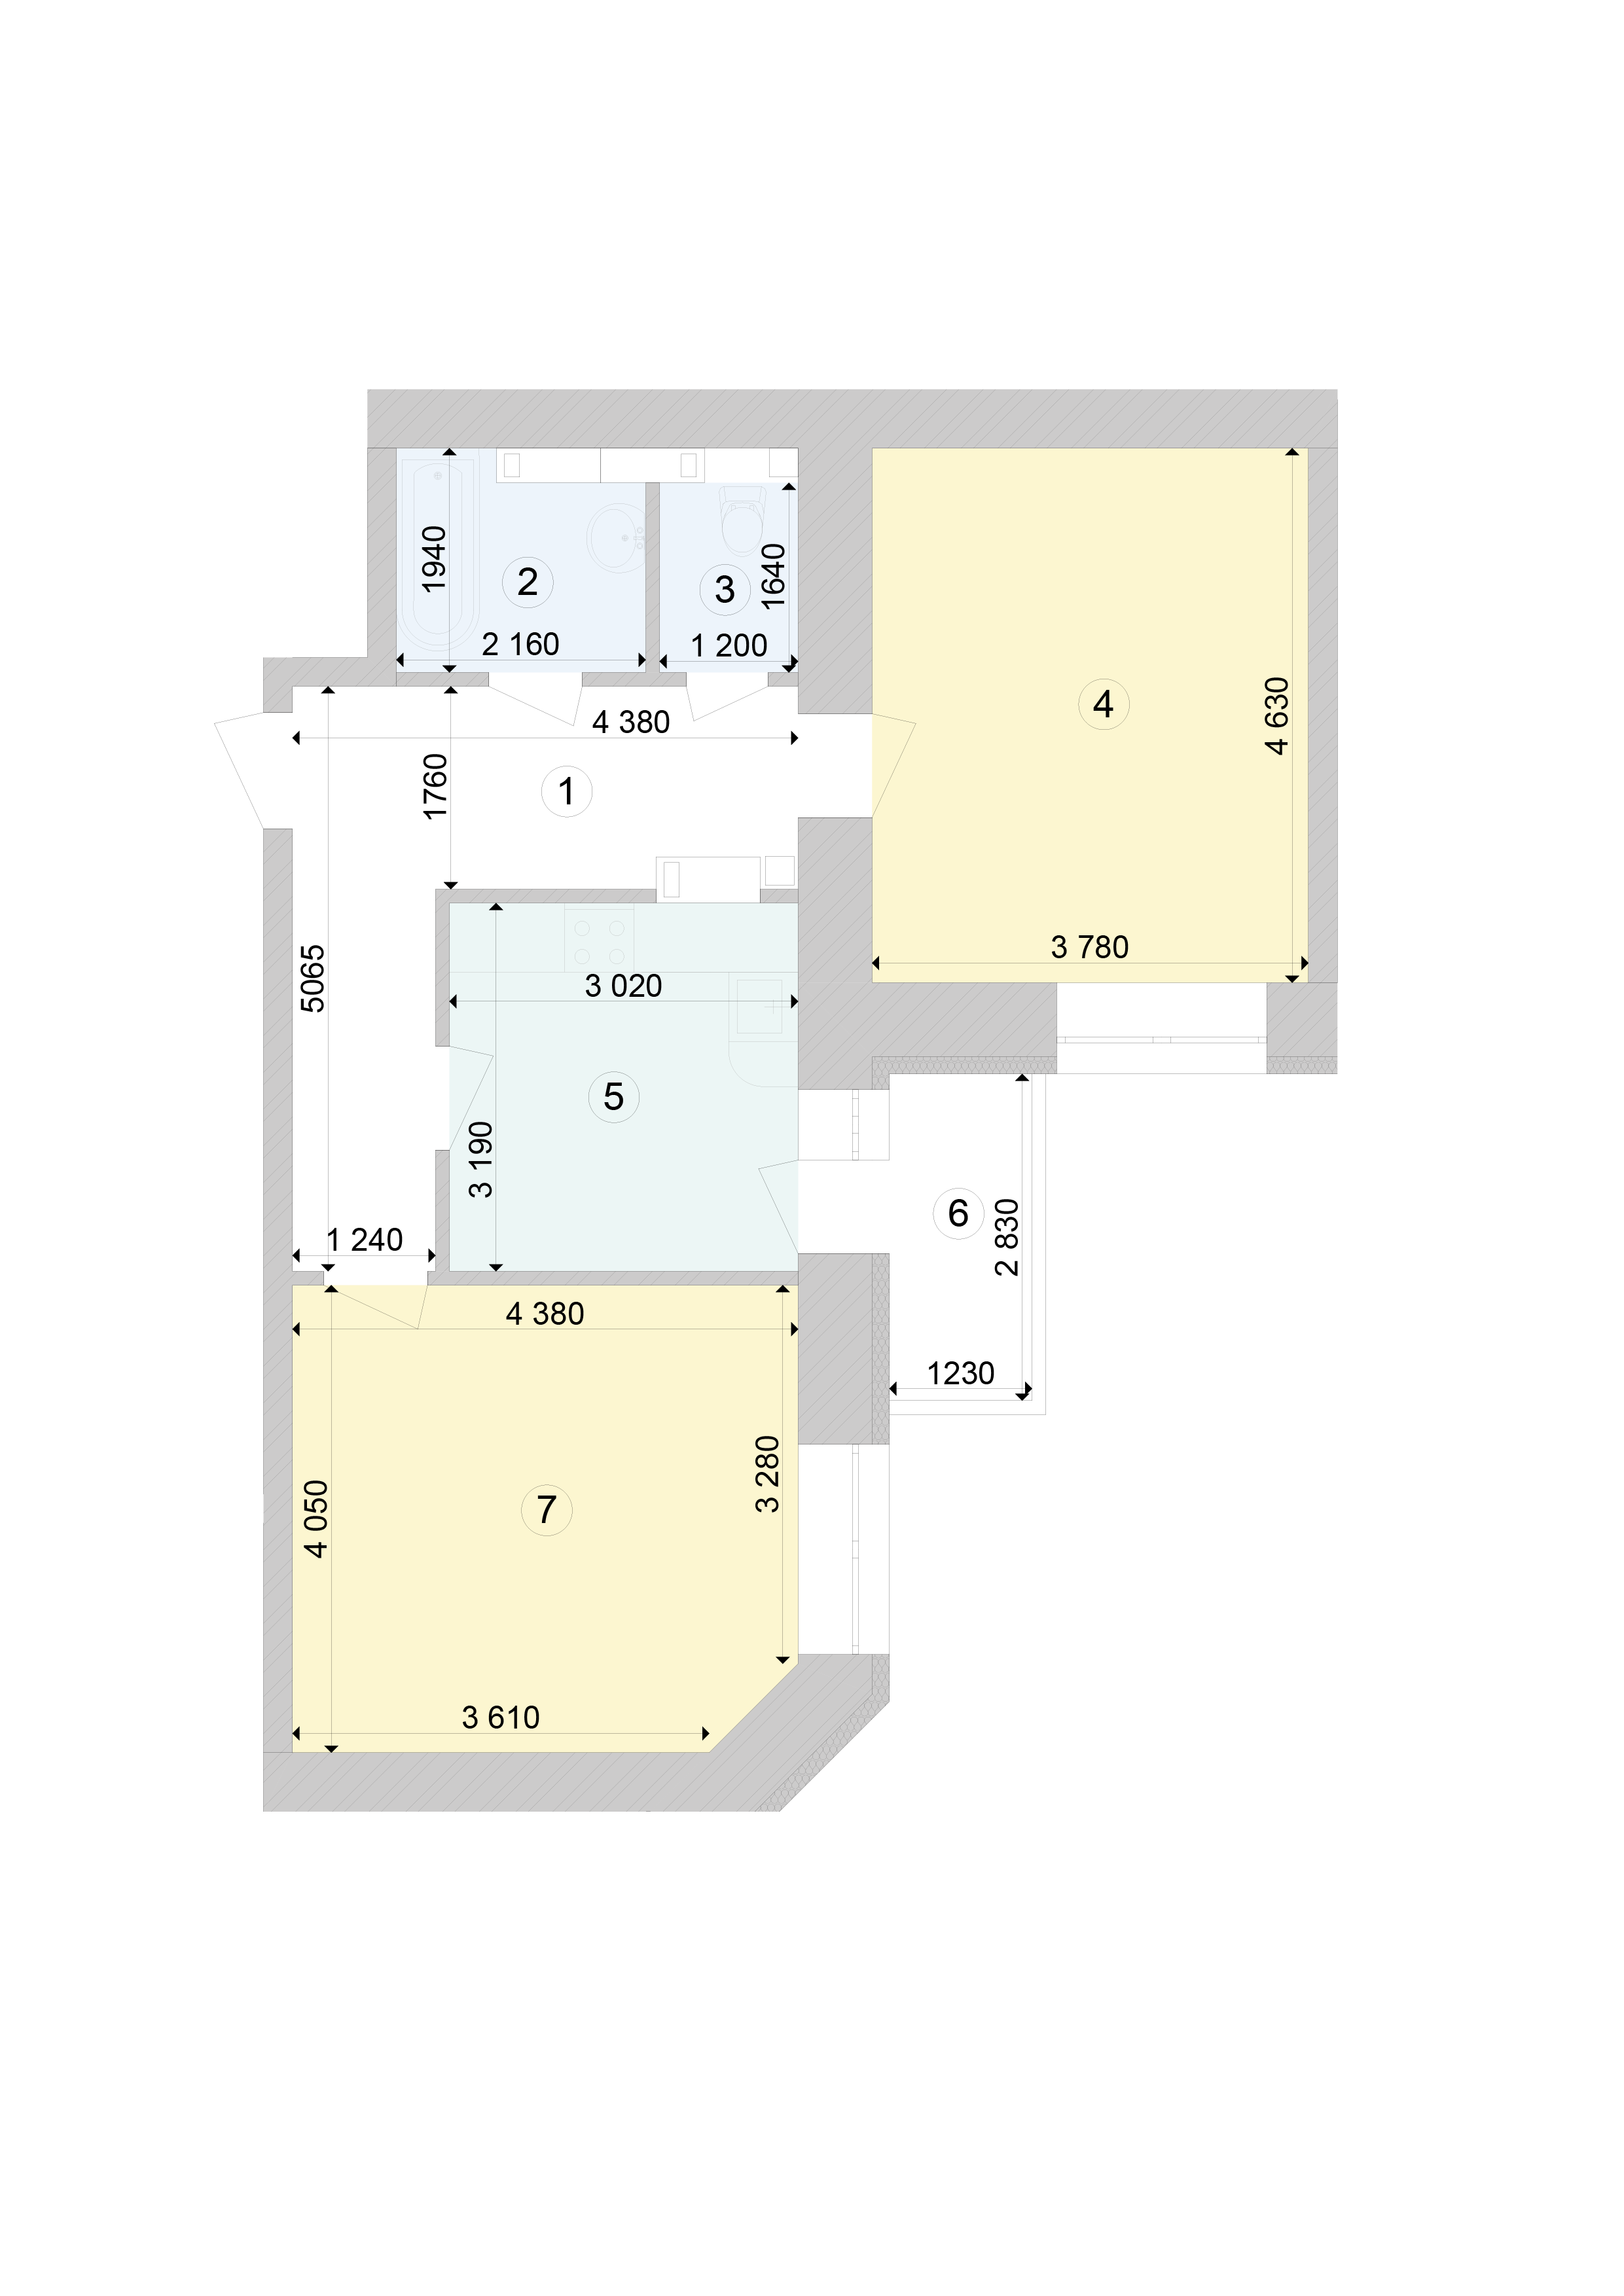 Купити Двокімнатна квартира 61,62 кв.м., тип 2.1, будинок 1, секція 7 в Києві Голосіївський район